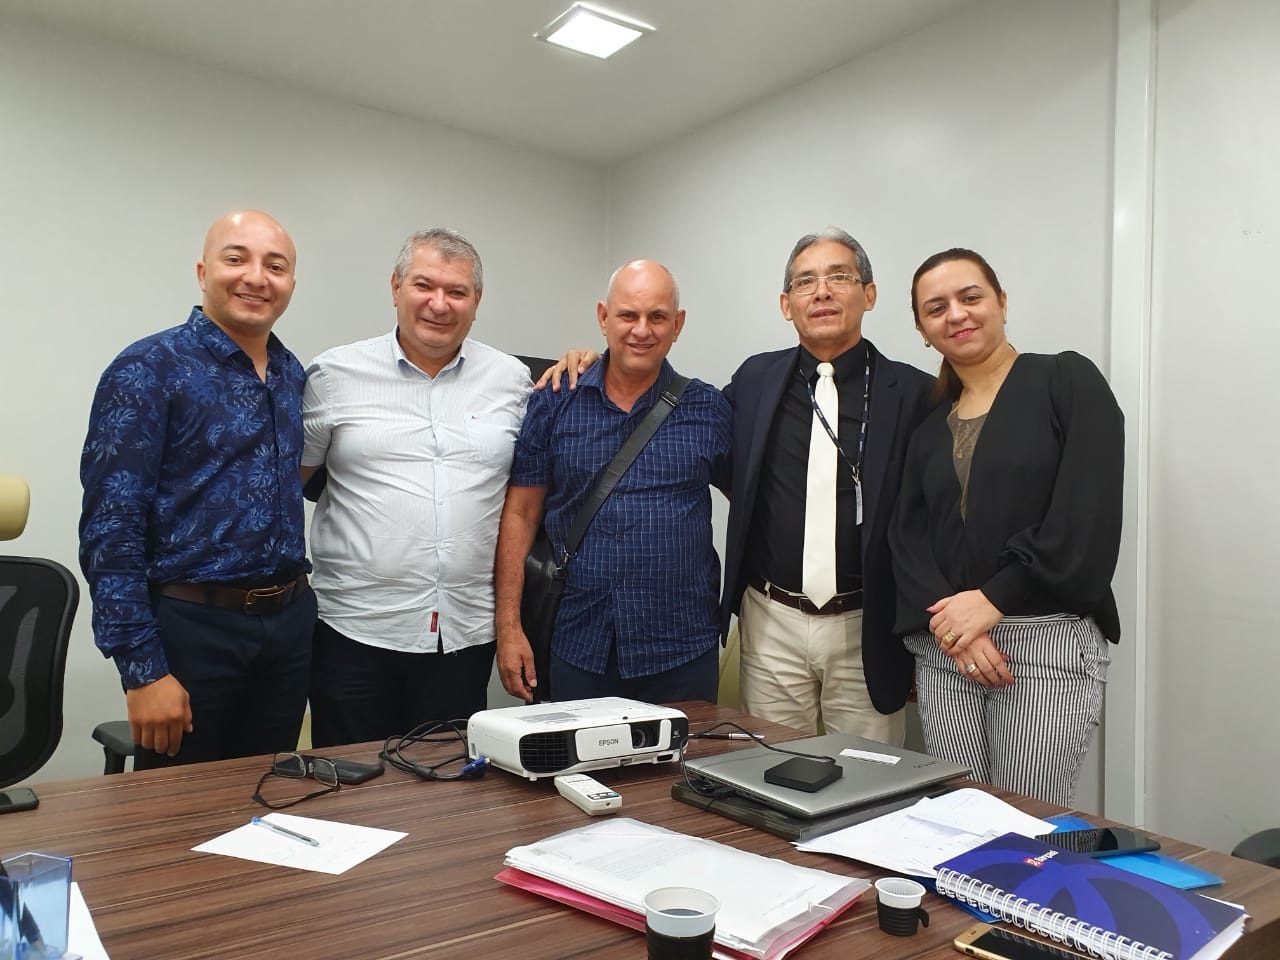 Foto de Convênio para reformar prédio da Câmara Municipal de Xinguara tem pontapé inicial após reunião em Belém